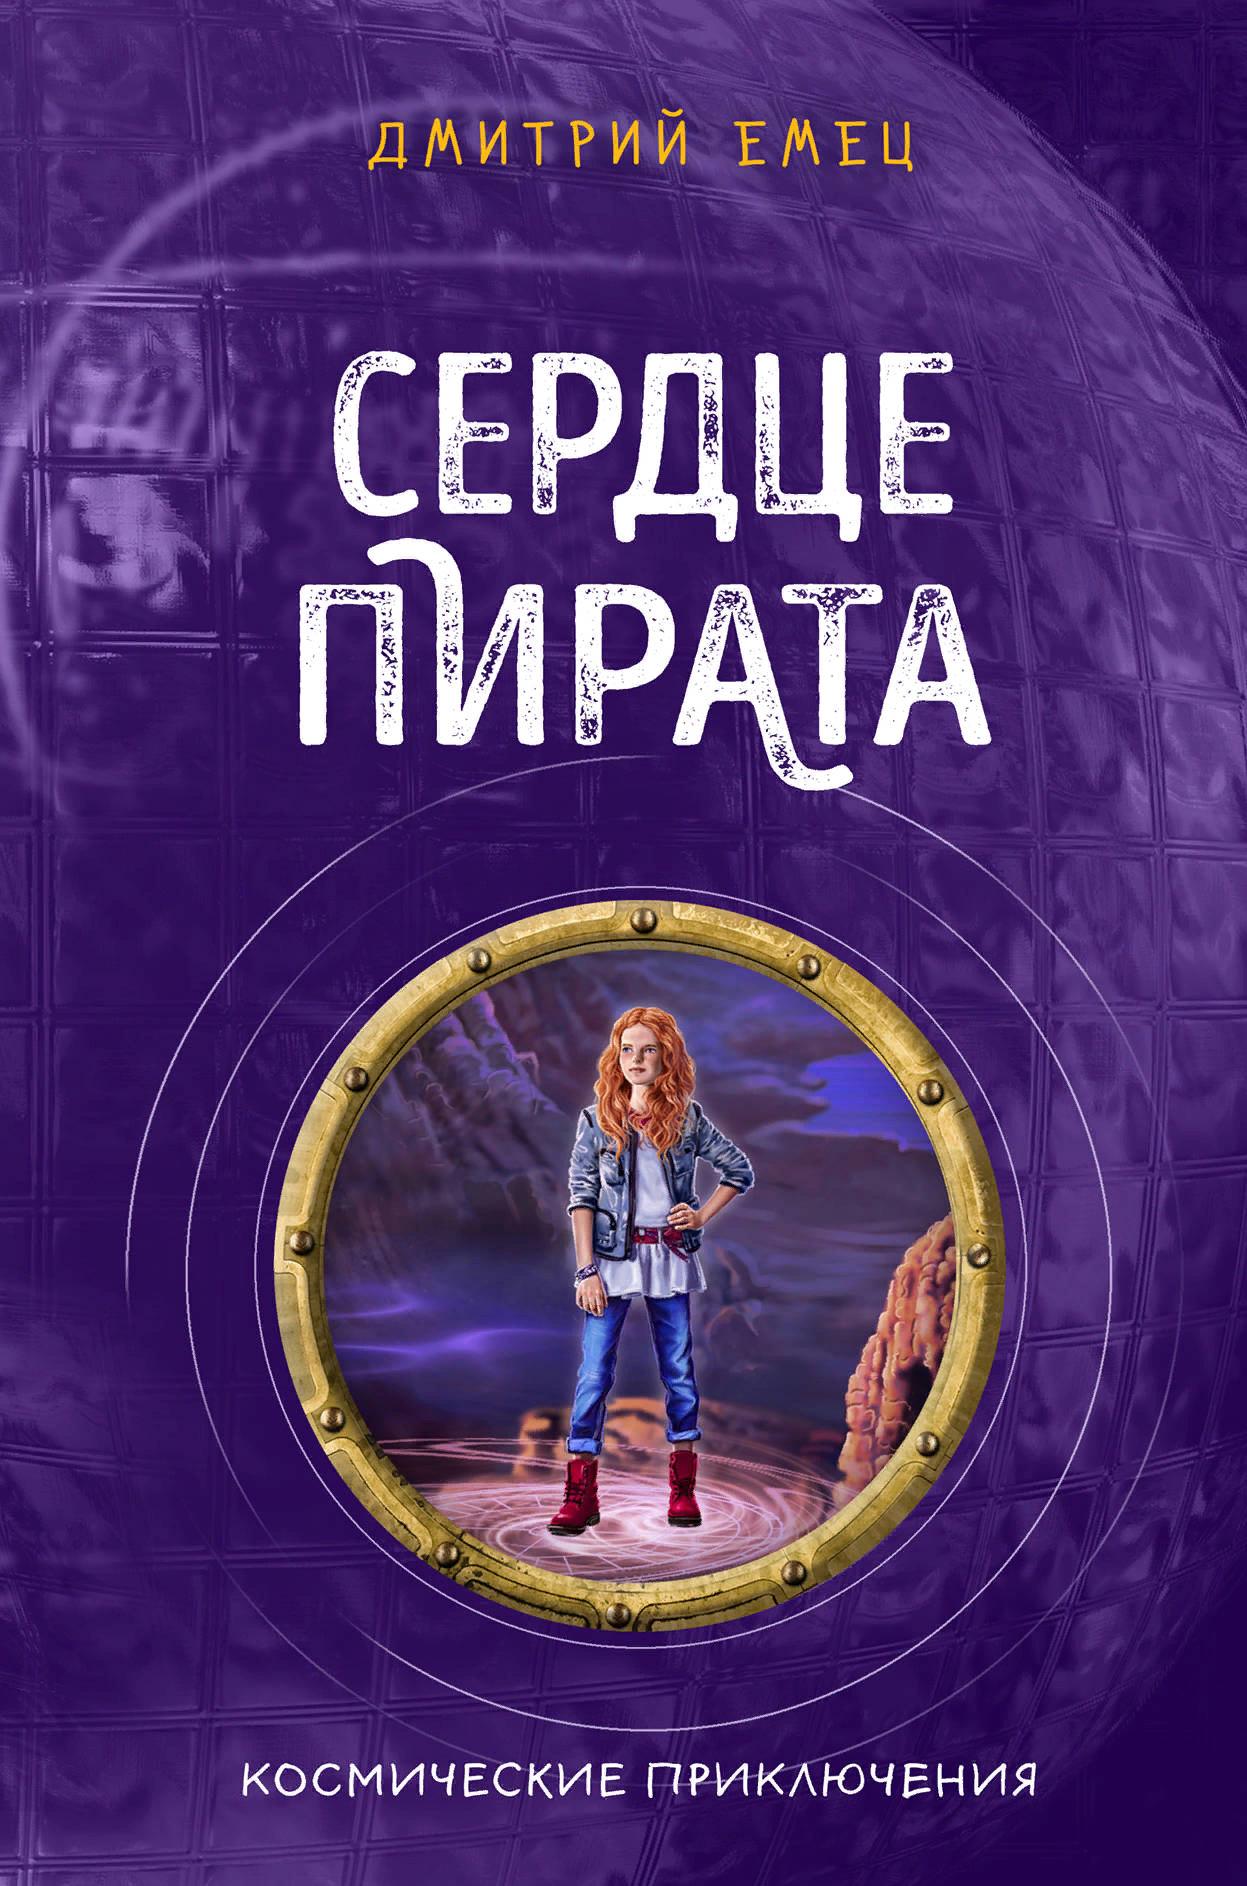 Дмитрий Емец «Сердце пирата»